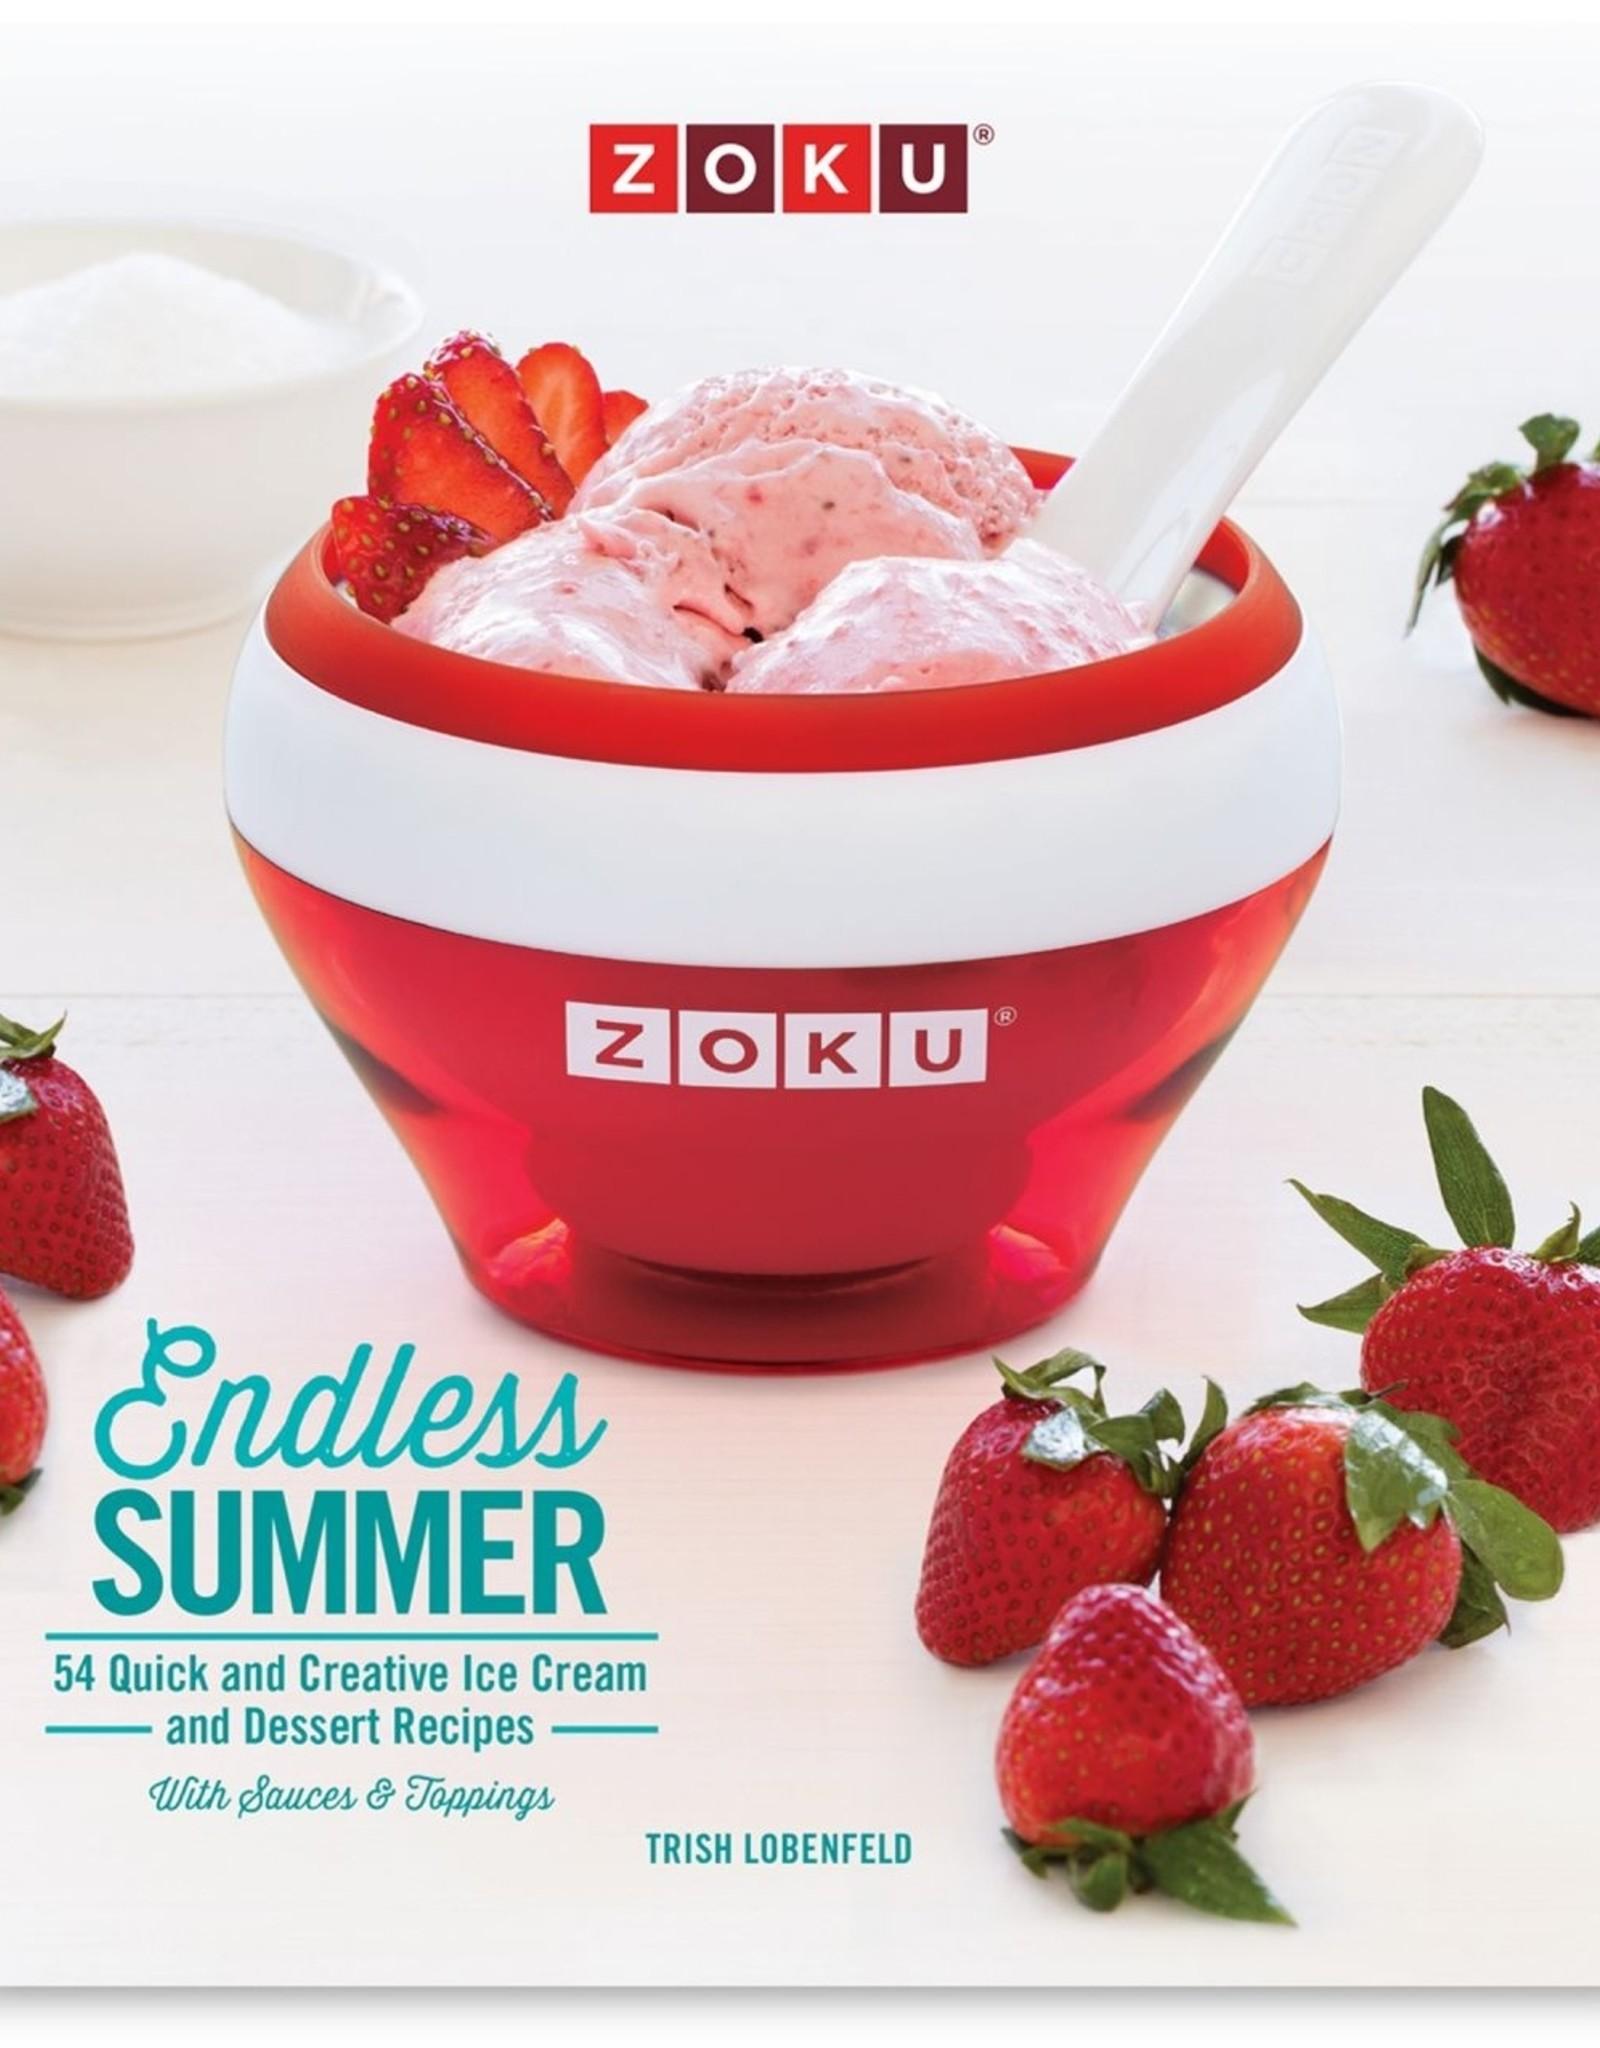 Zoku Receptenboekje snelle creatieve ijsjes en desserts